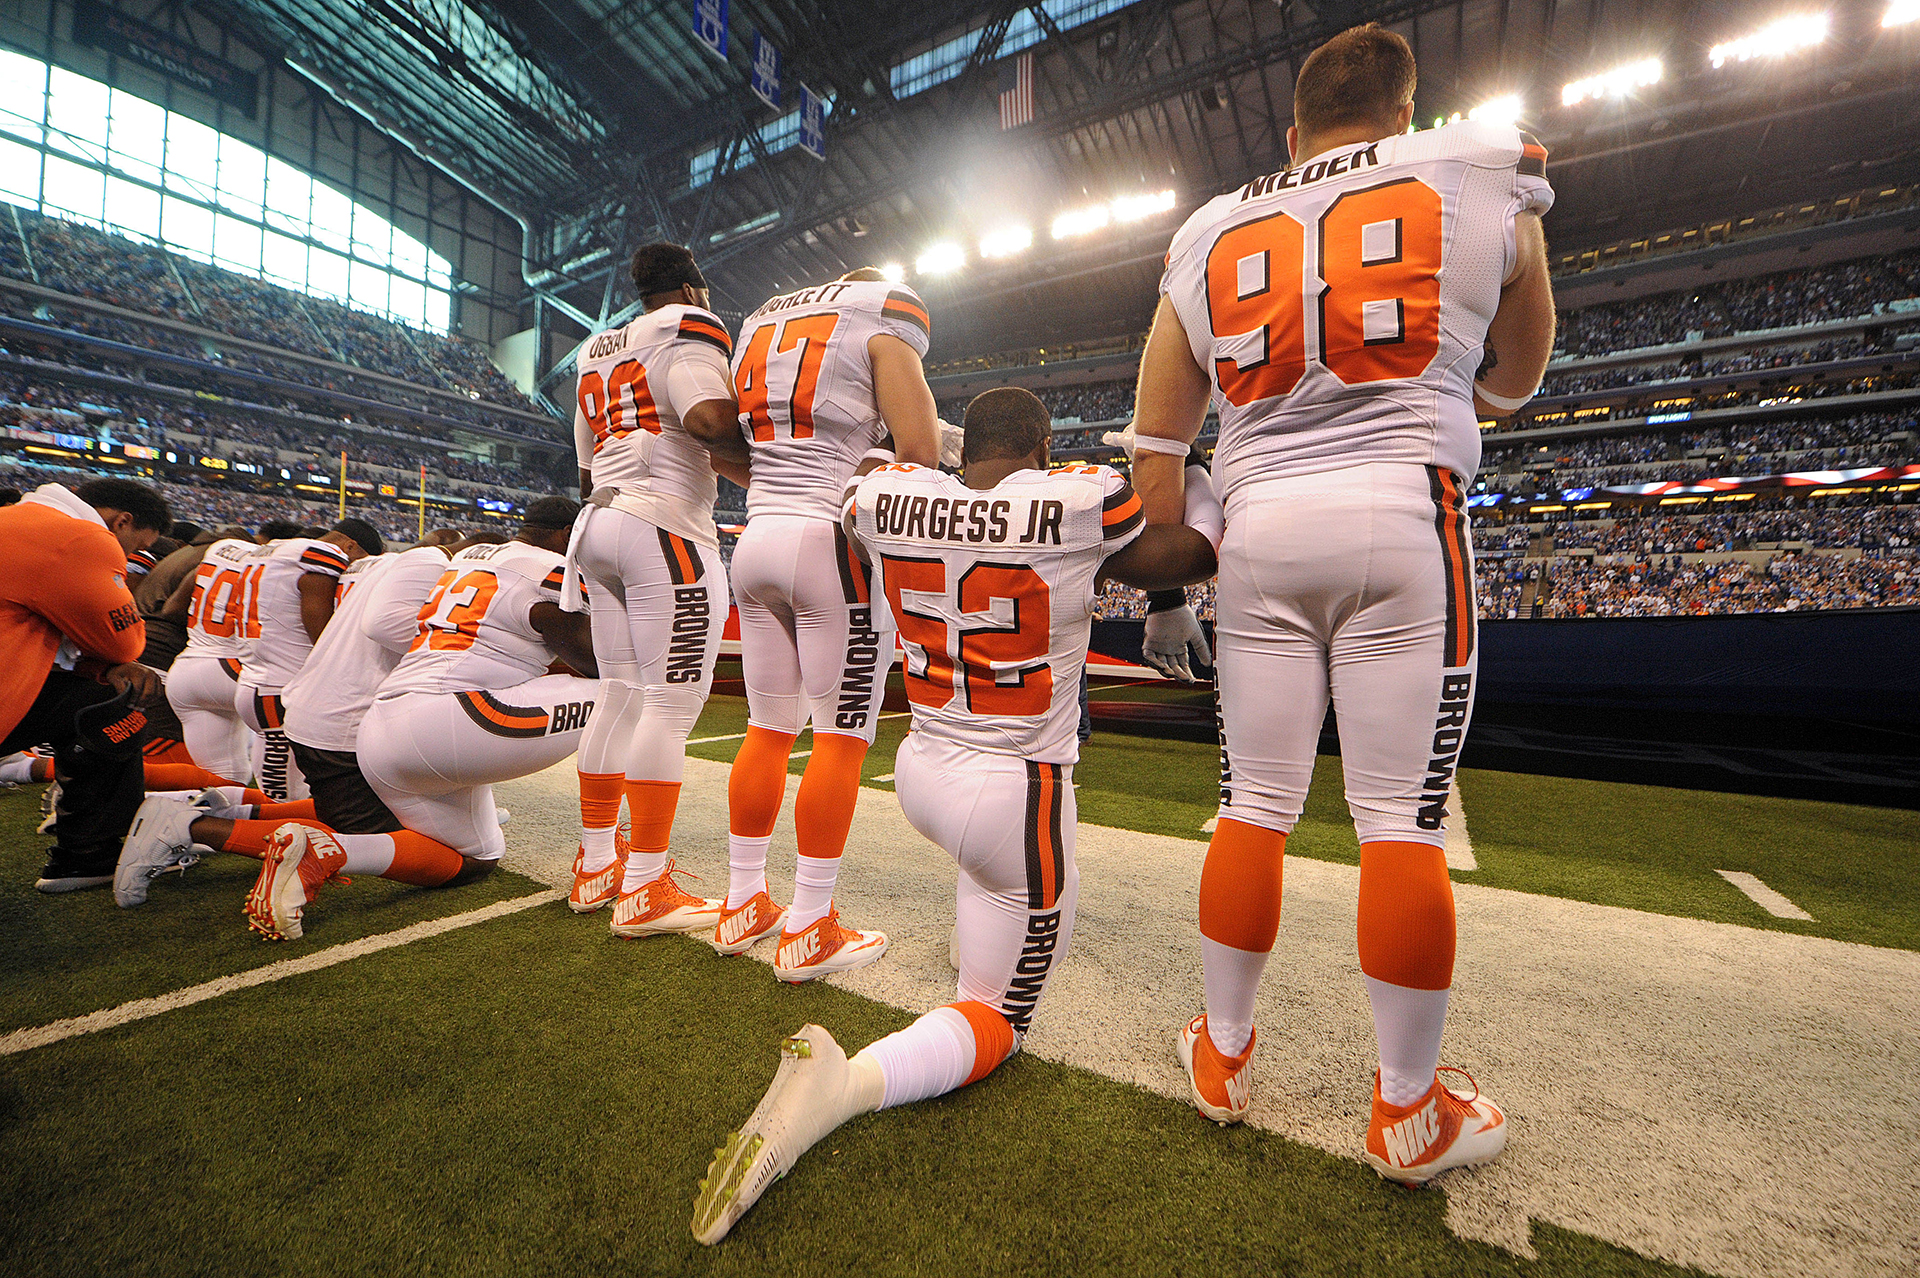 Los Cleveland Browns se paran y se arrodillan durante el Himno Nacional antes del comienzo de su juego ante los Indianapolis Colts en el Lucas Oil Stadium